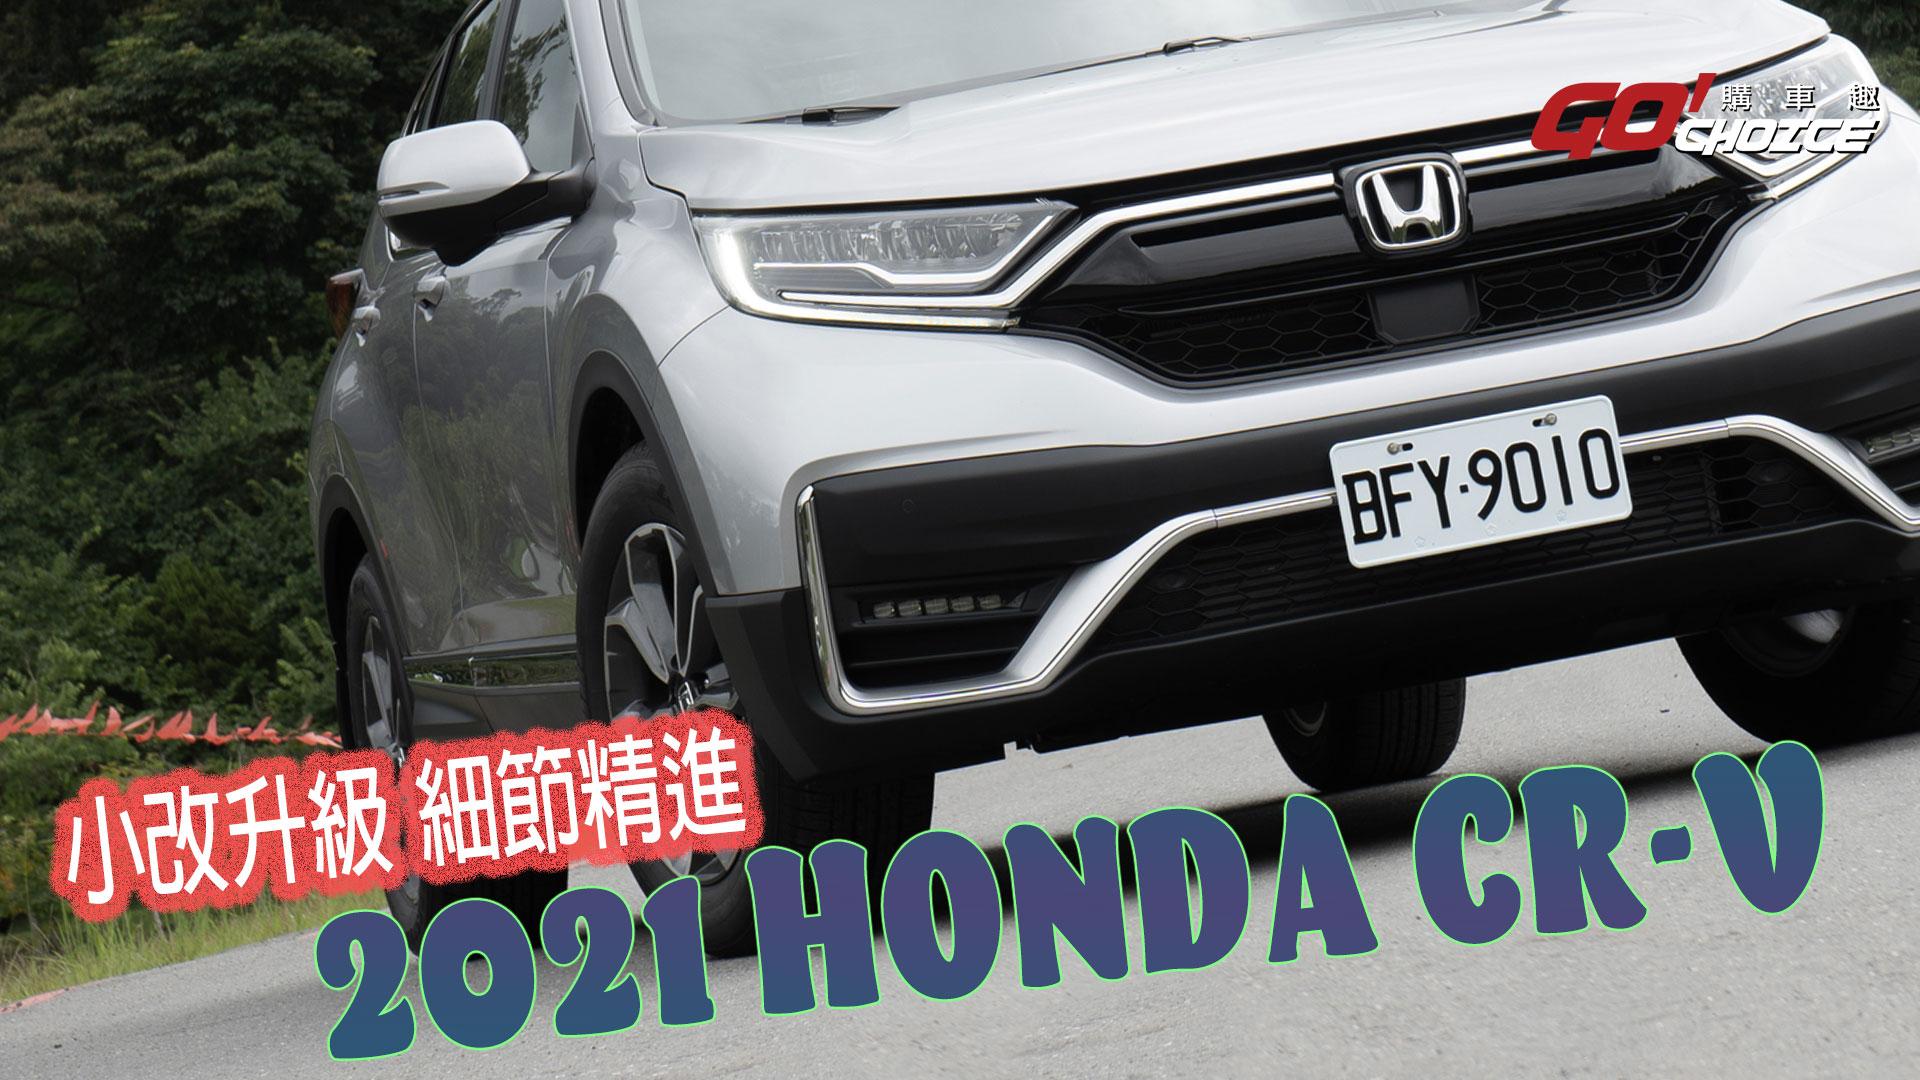 [試駕影片]2021年式HONDA CR-V_小改升級 細節精進